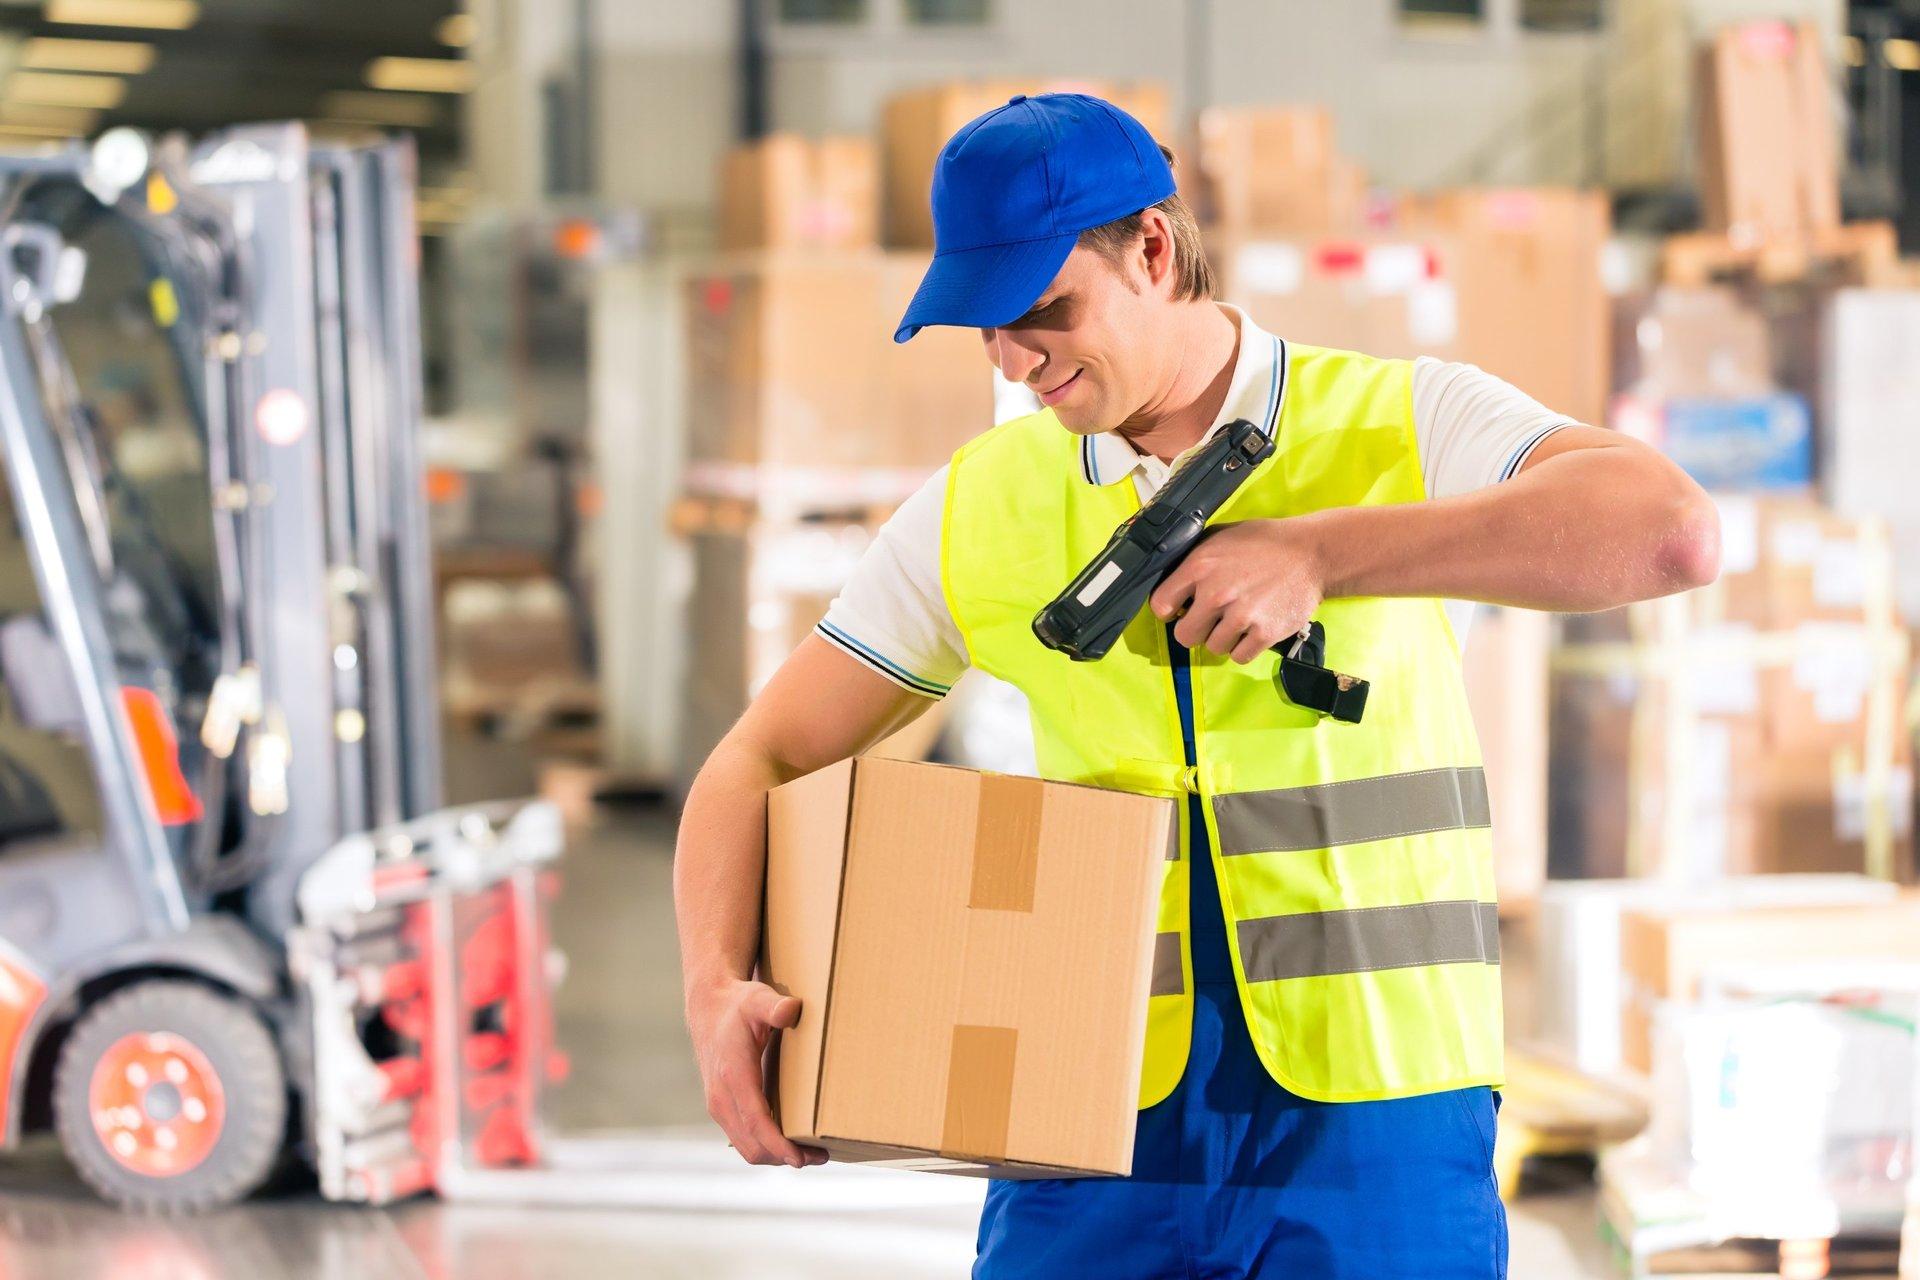 Специалист имеет дело с точным перечнем продукции, которую надо собрать и отправить покупателю